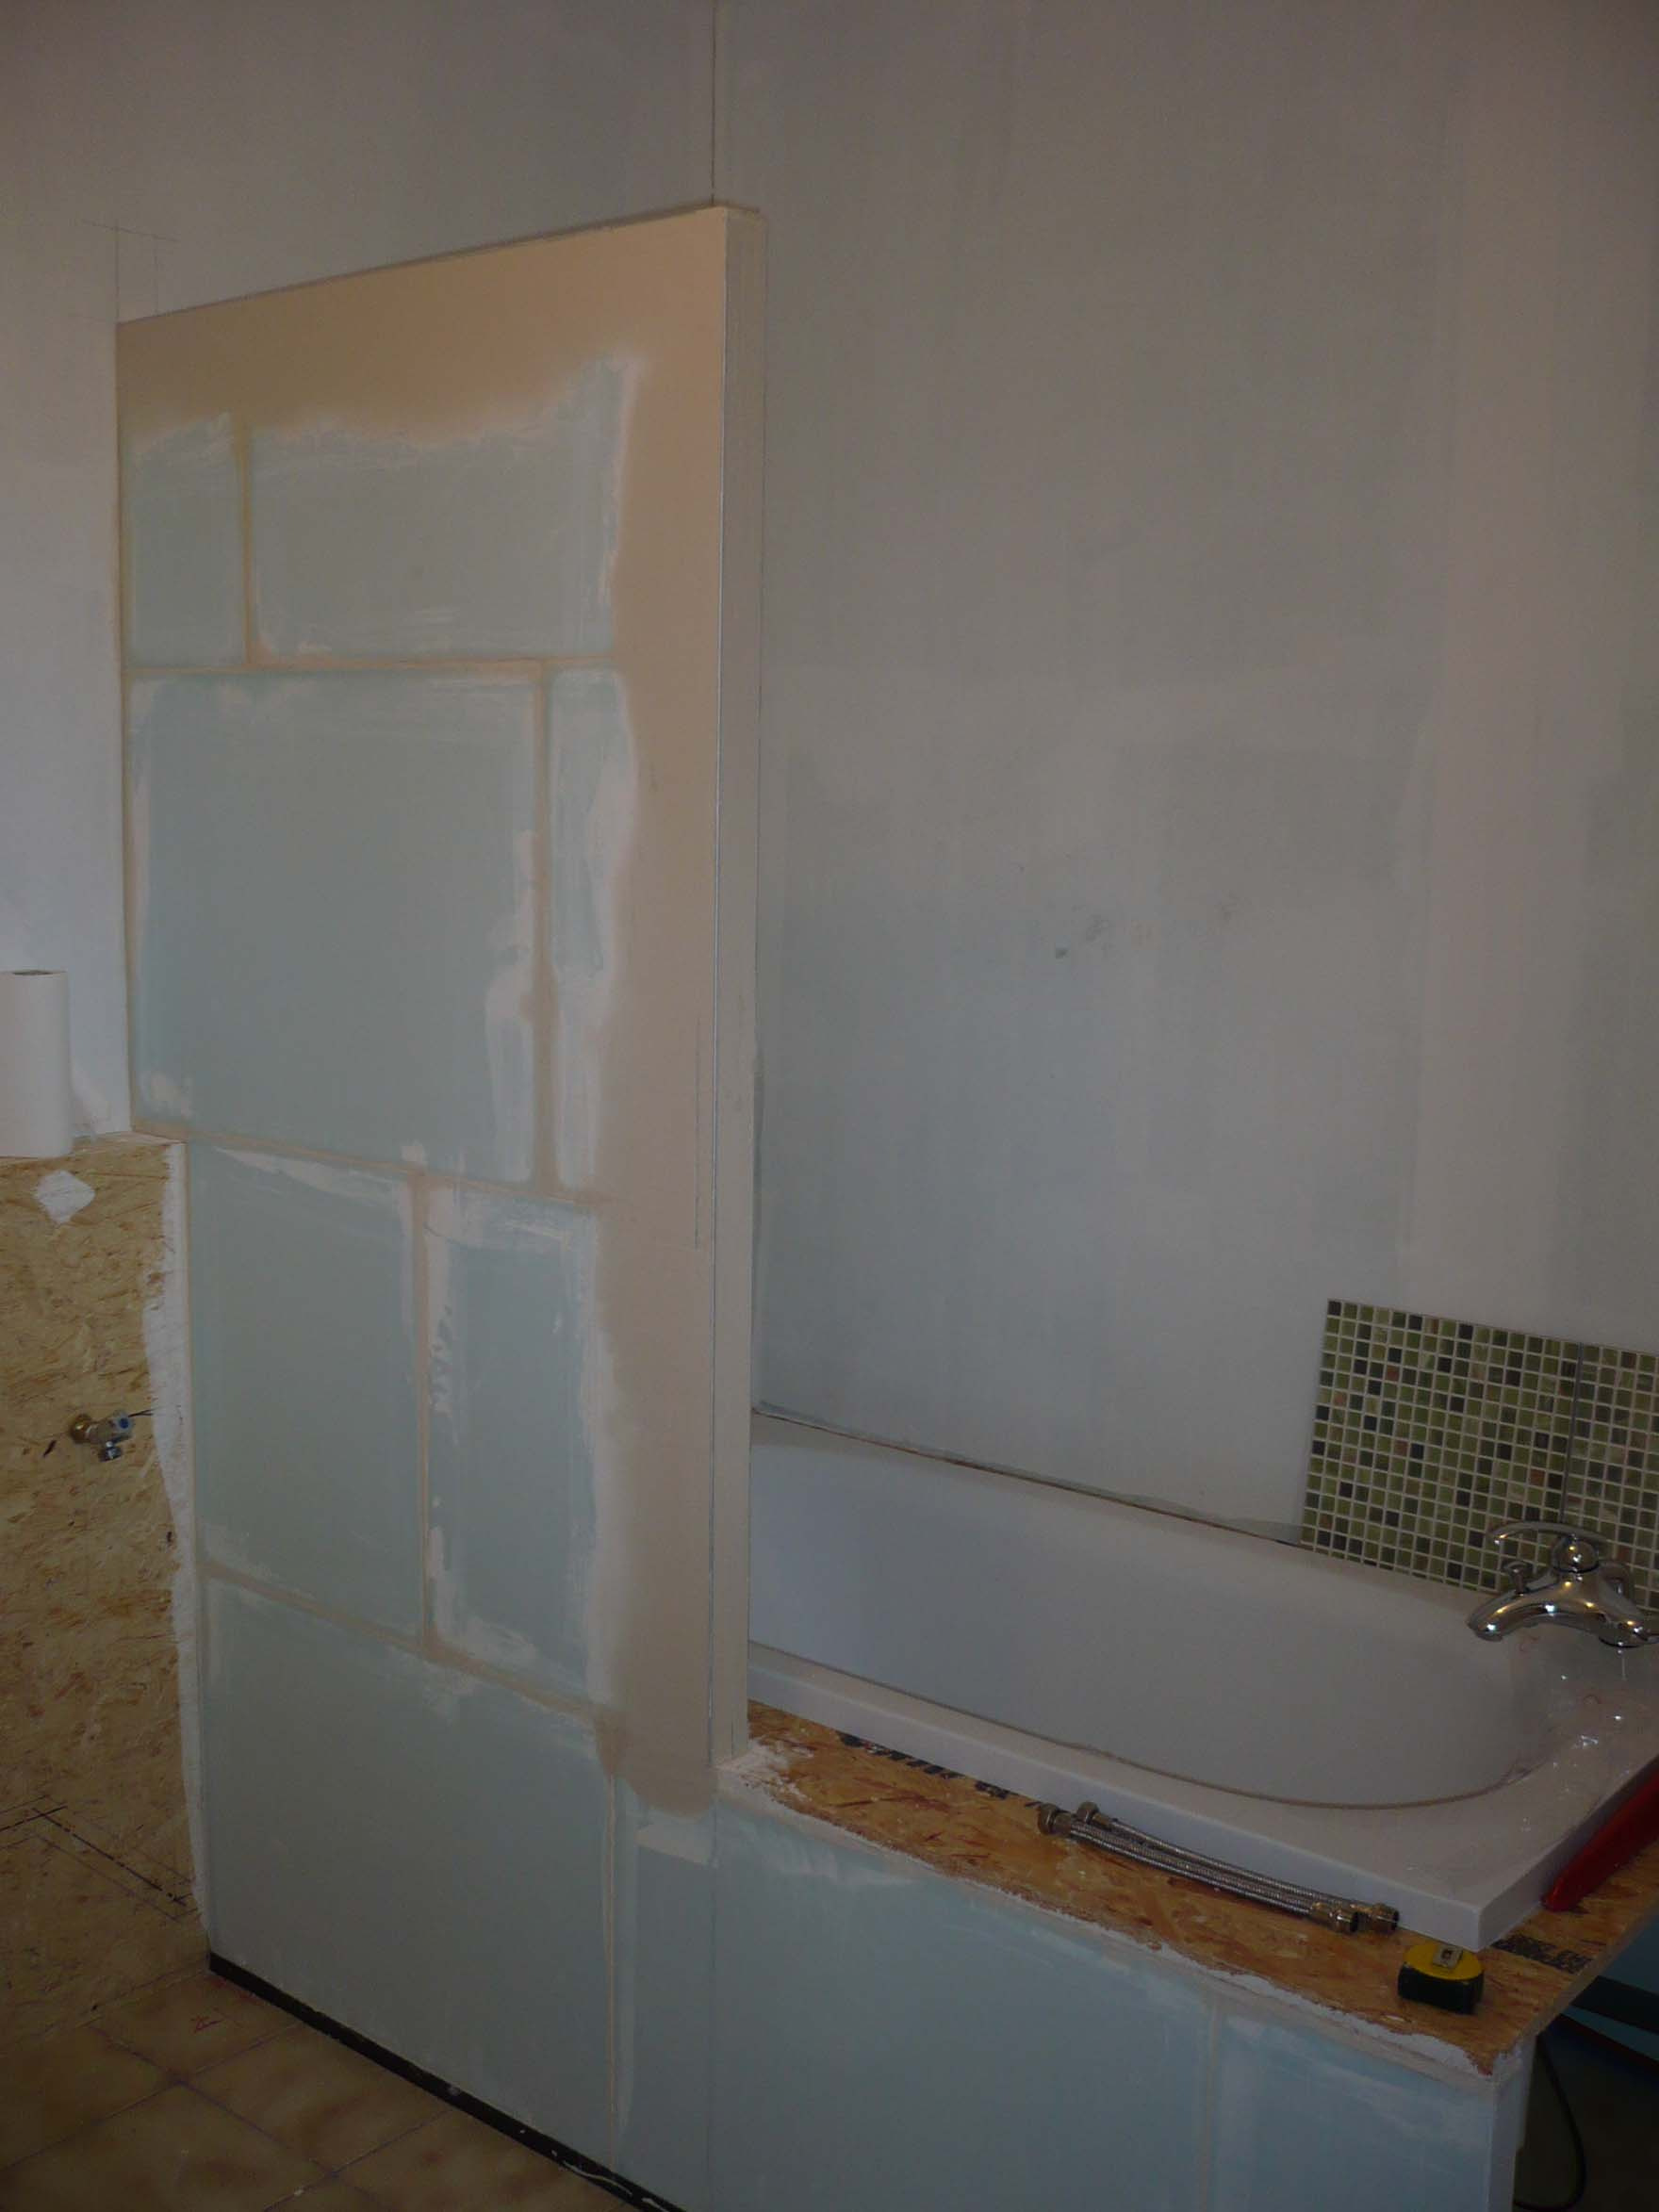 meuble de salle de bain en carreaux de platre - Carreau De Platre Salle De Bain